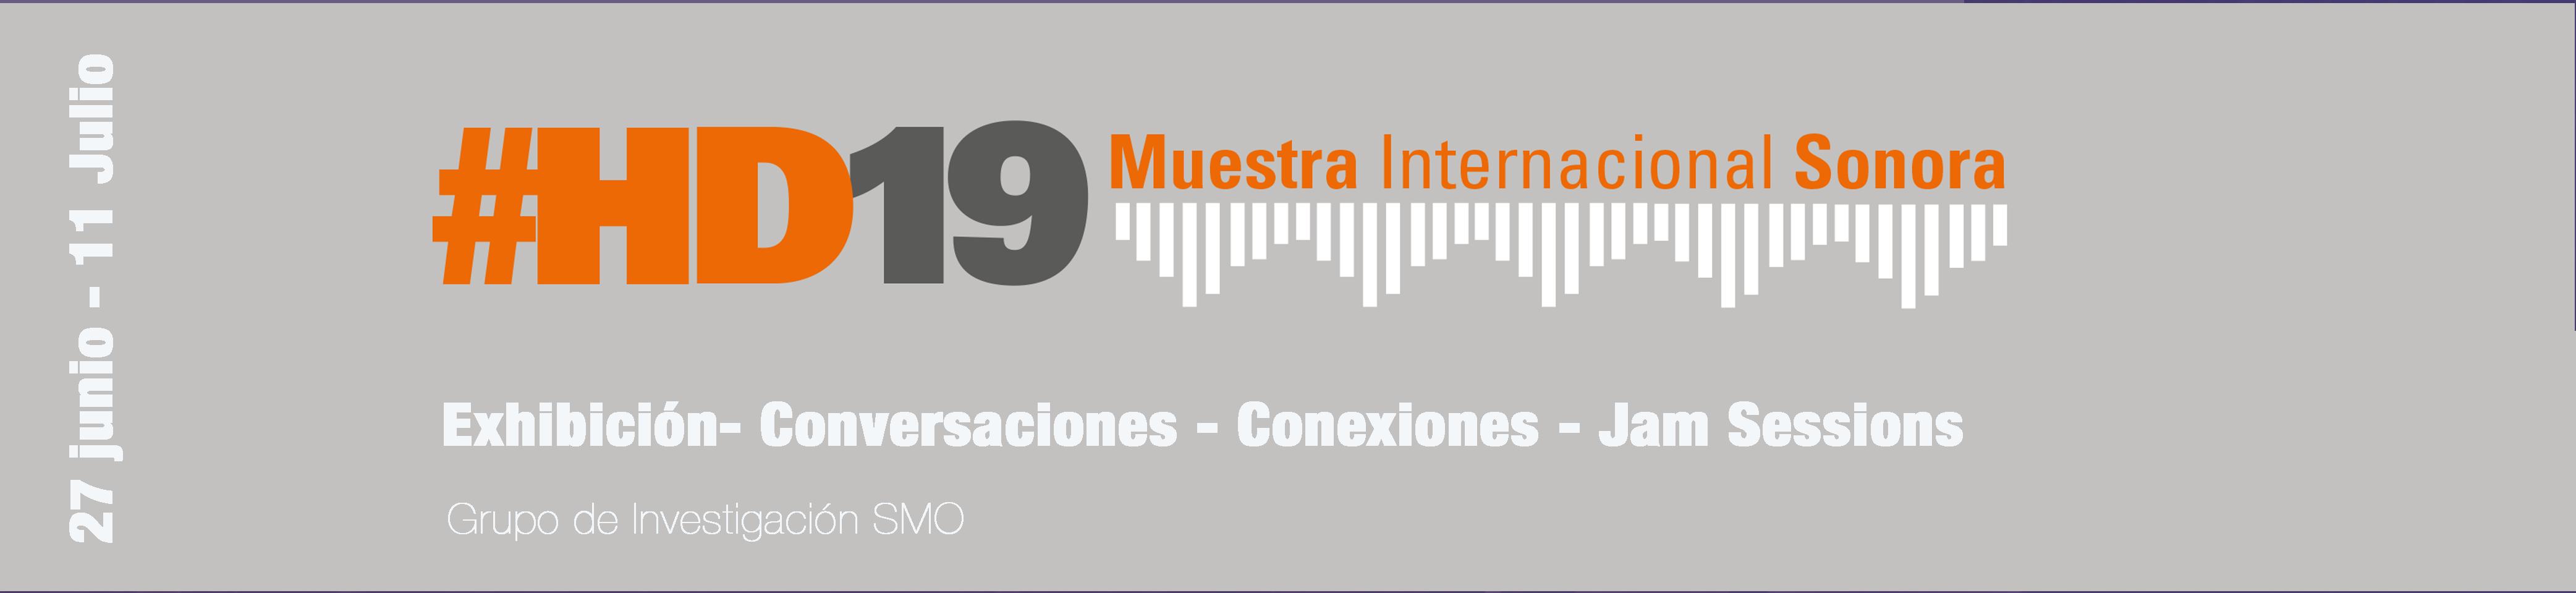 Banner Exhibicion Muestra Sonora #HD19